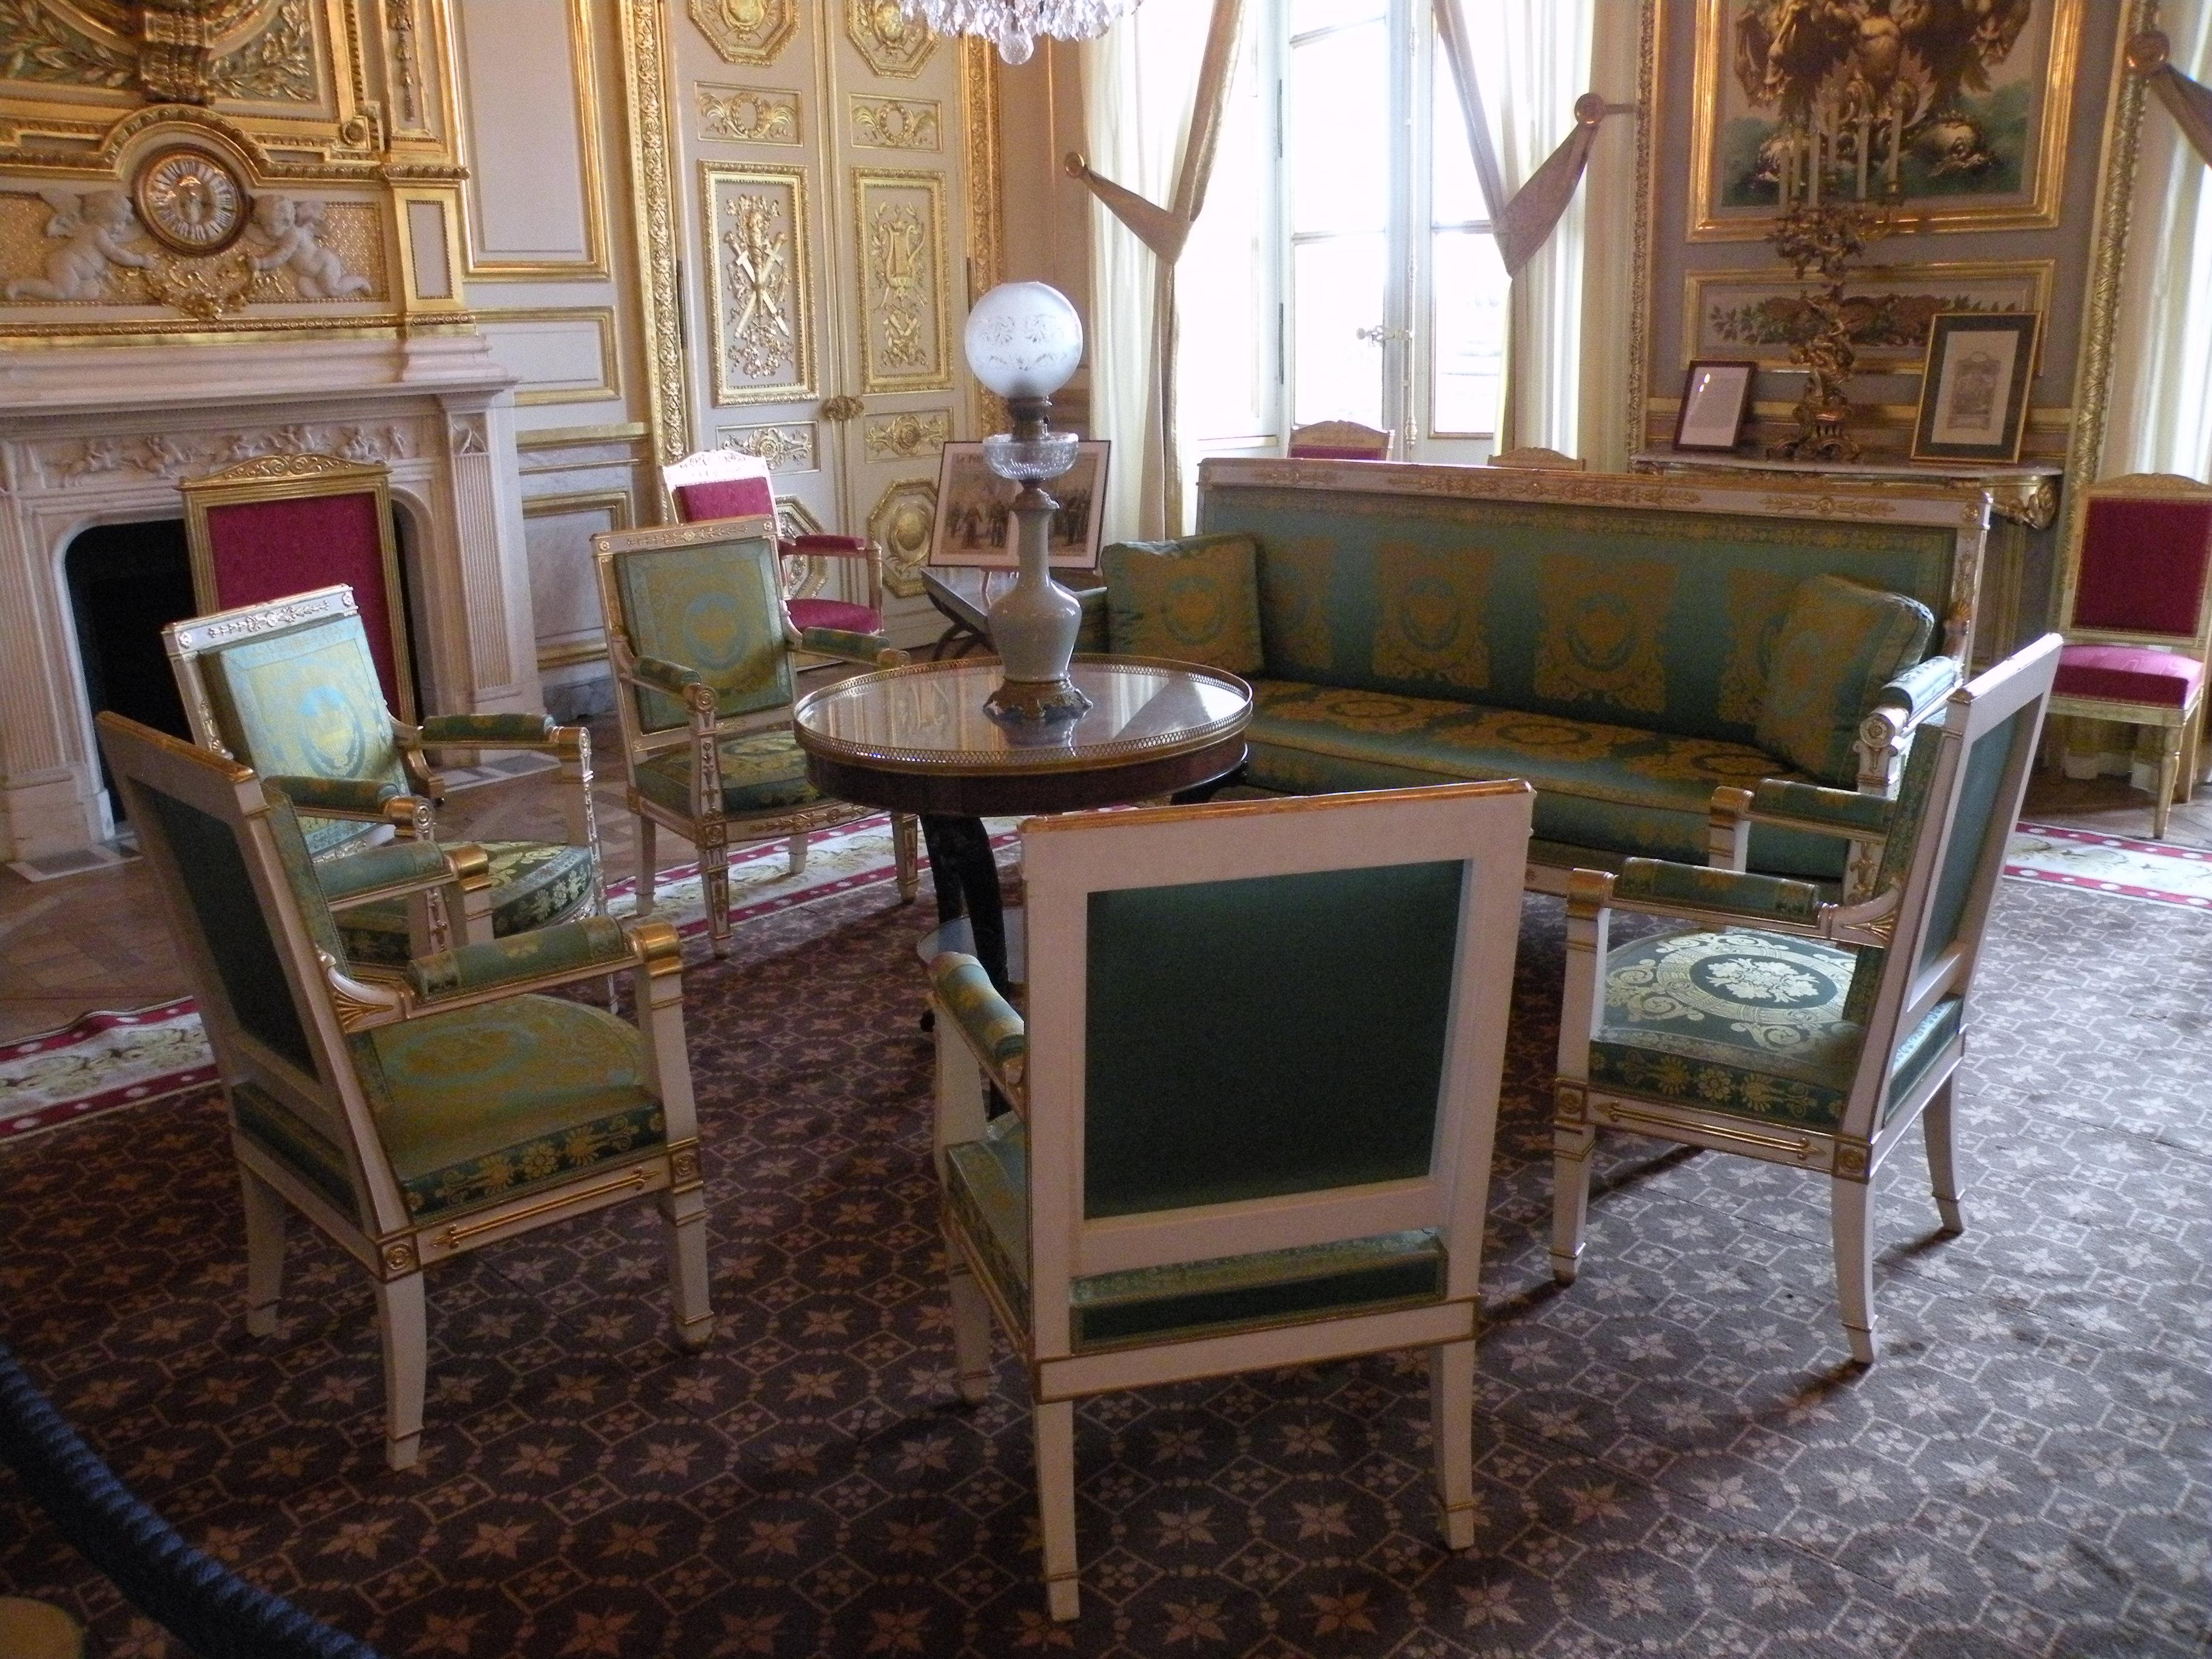 Salle A Manger Paris file:hôtel de la marine (paris) salle a manger d'honneur 9